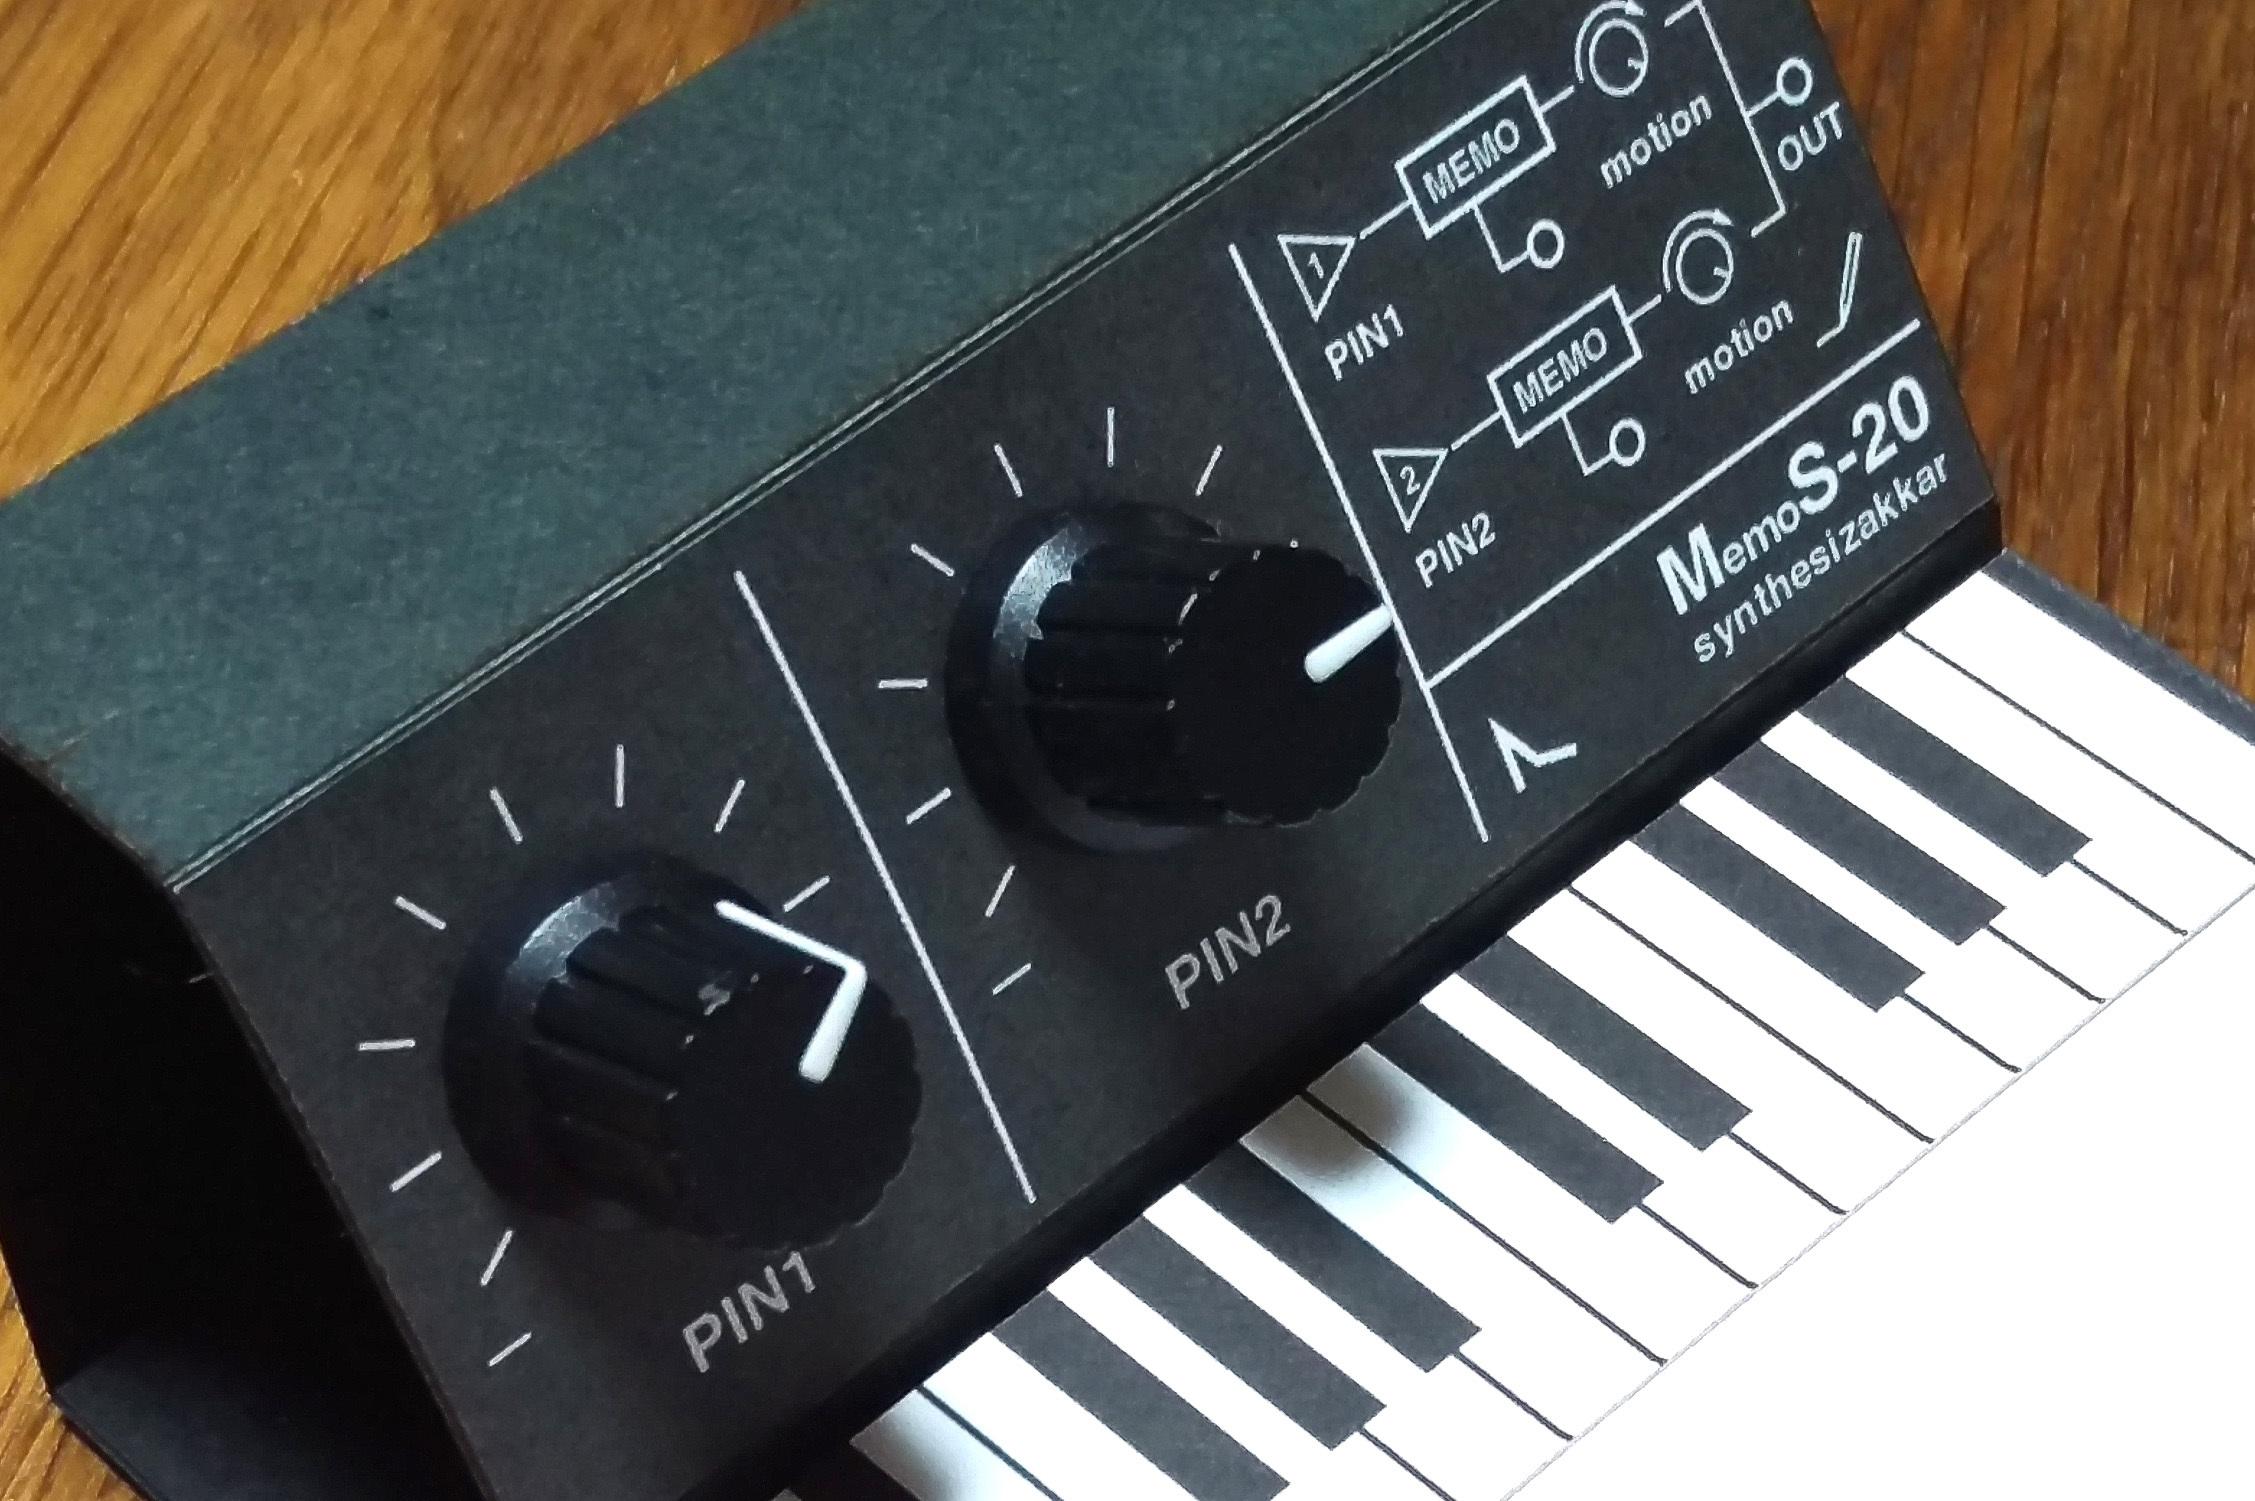 【ギフトセット】MemoS-20・CR-808・miniletter 3点セット!